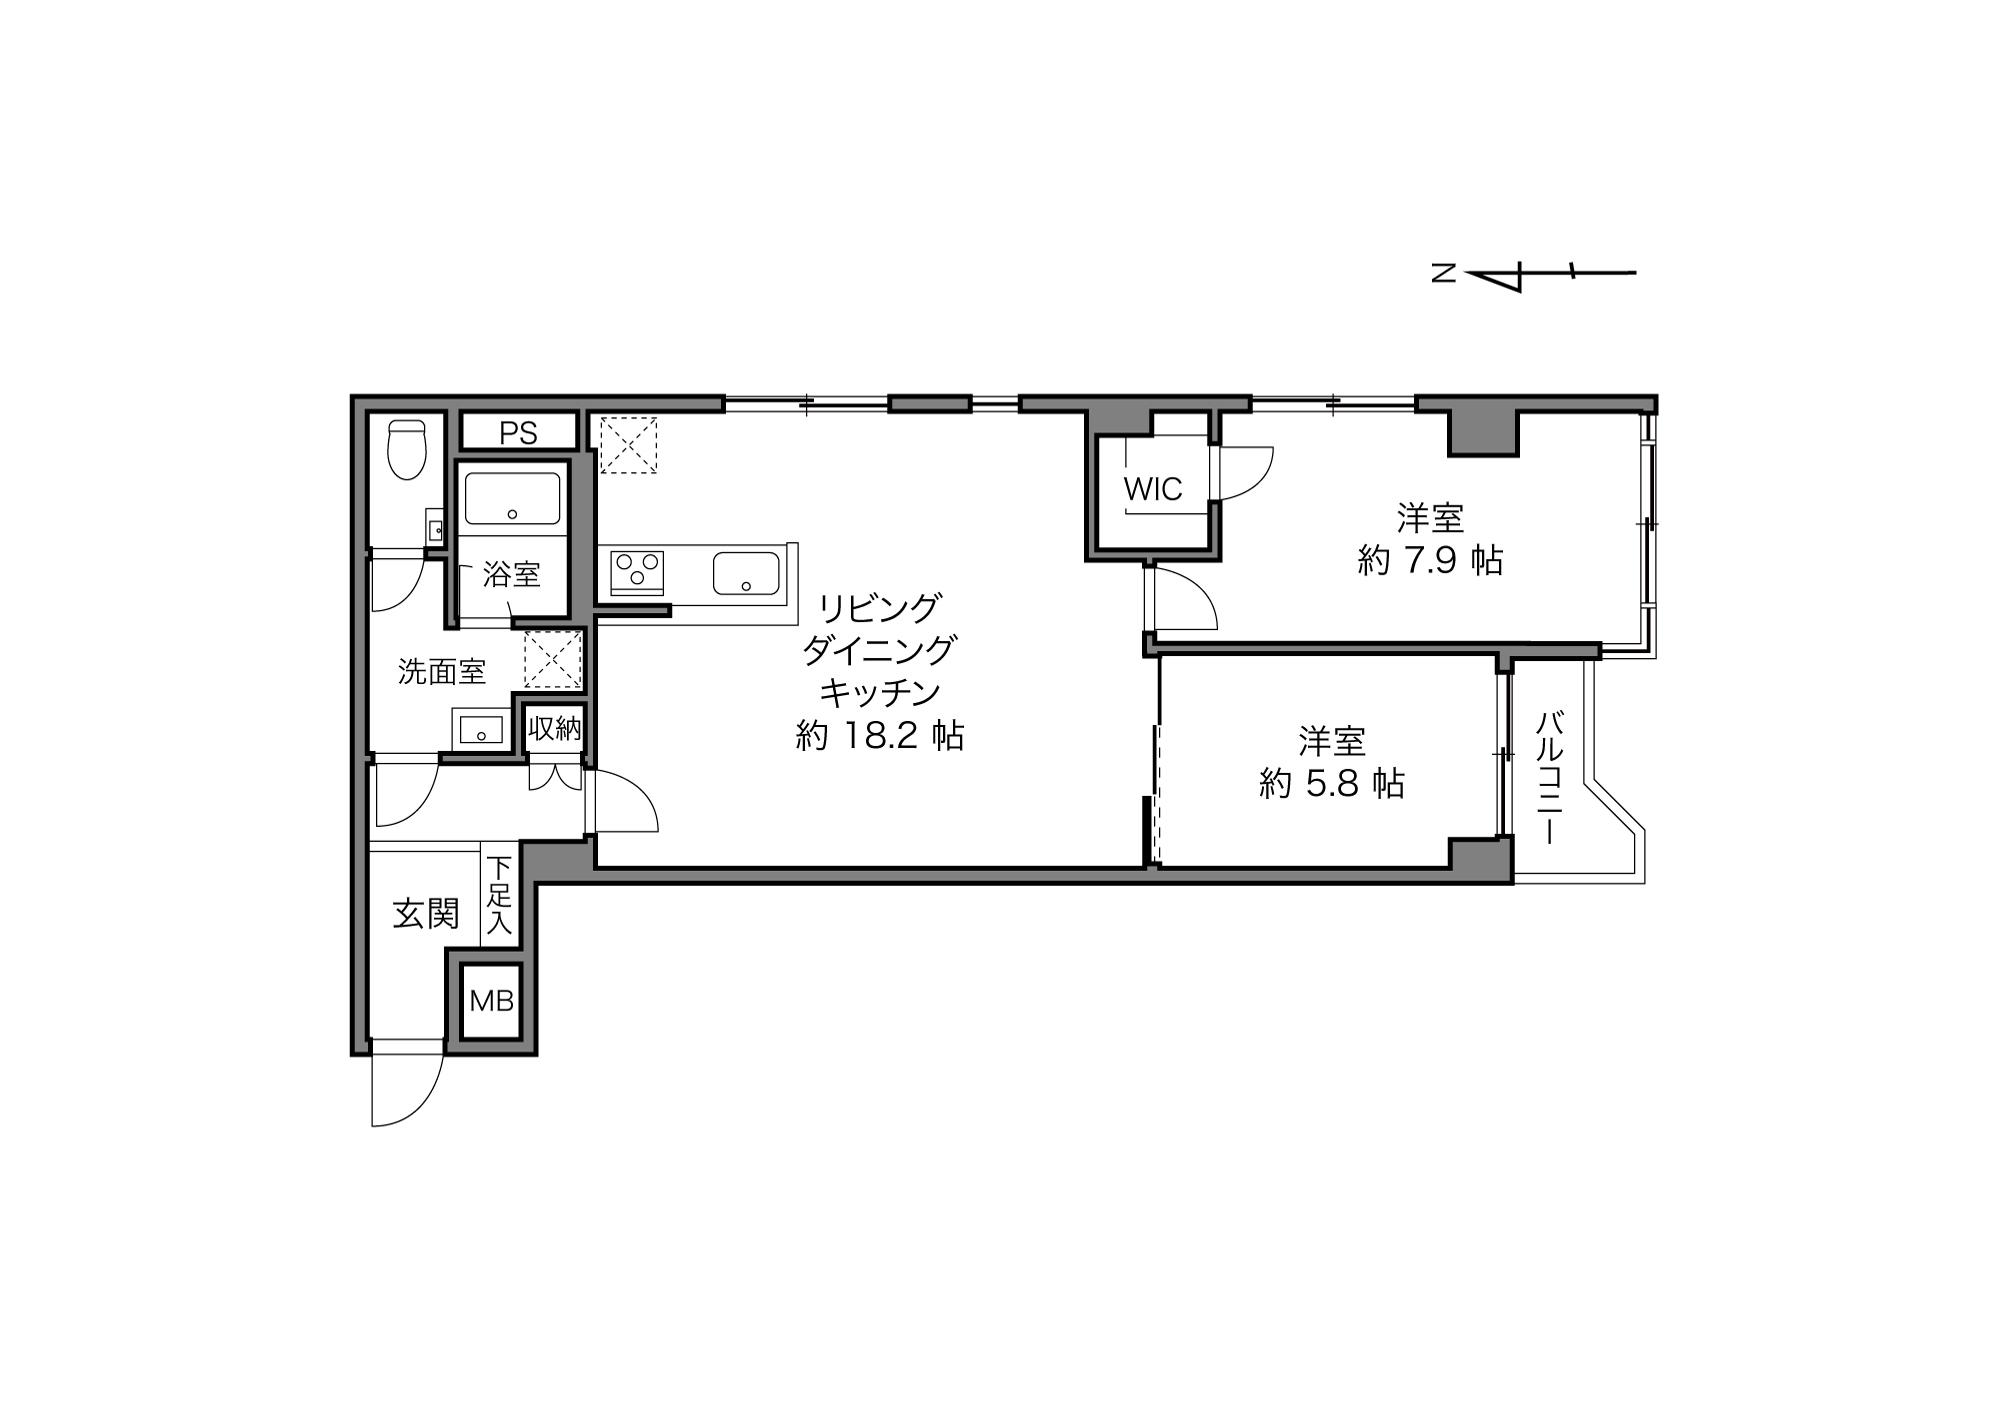 用賀駅 / 2LDK / 69.99㎡